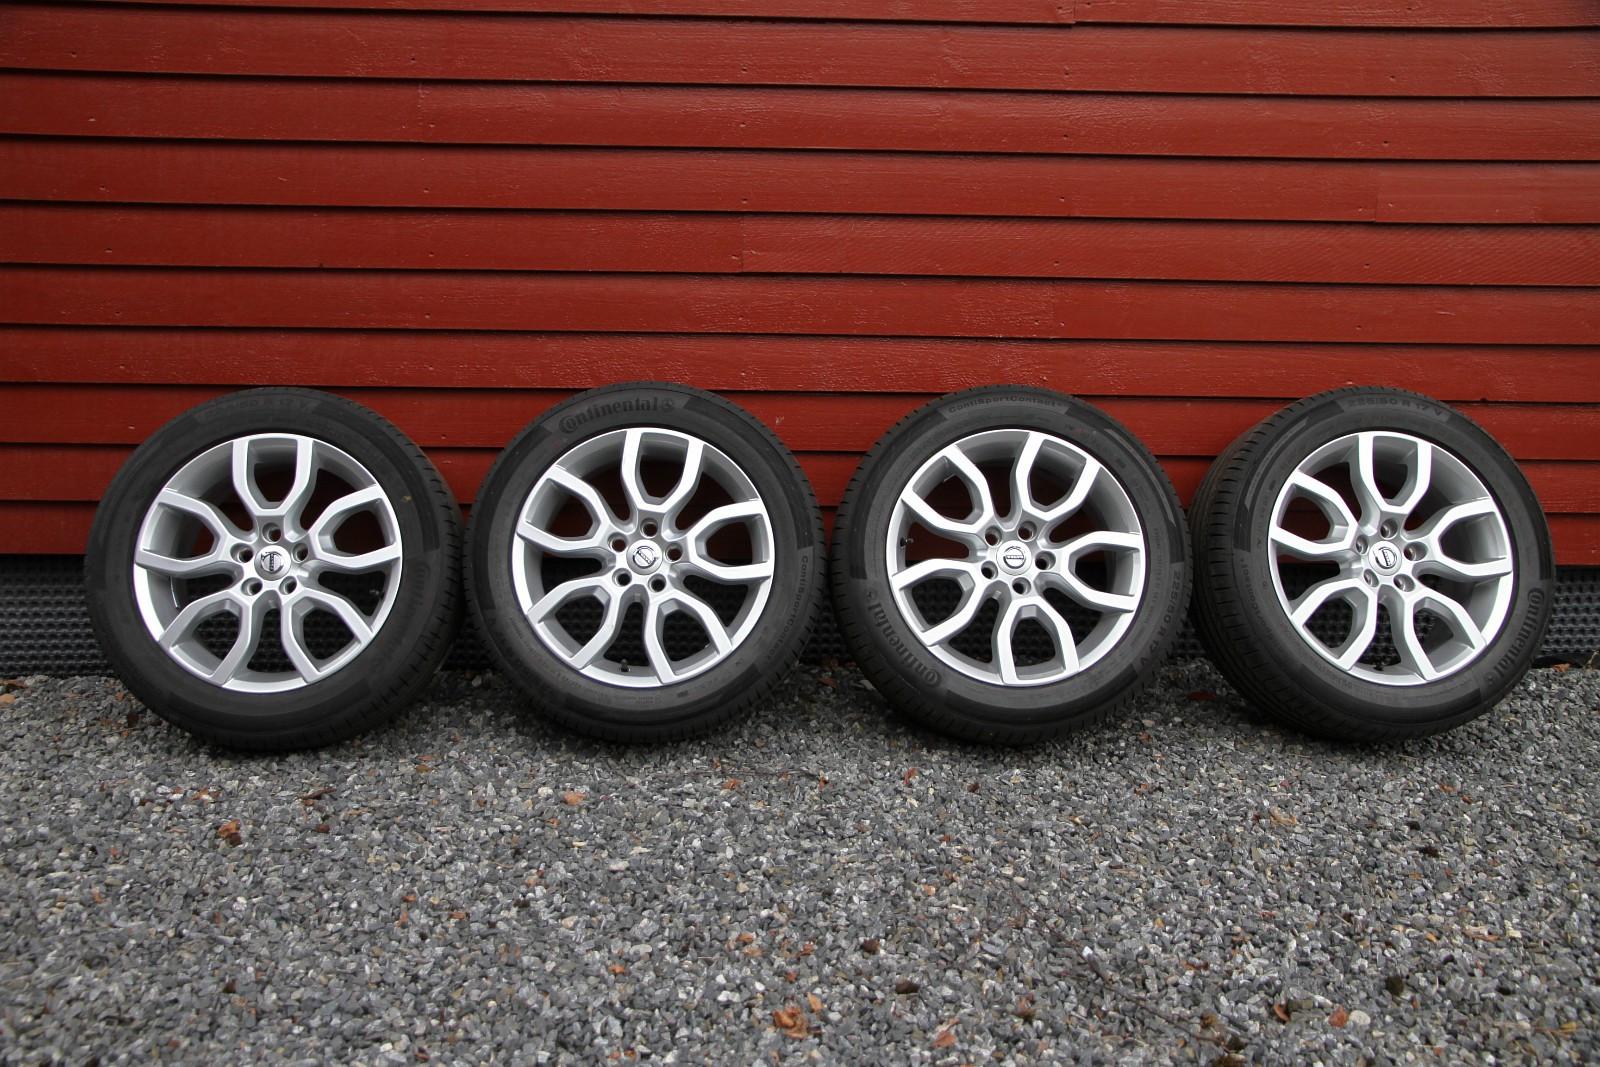 """Orig Volvo """"Keid"""" felger med Continental SportContact 5 225/50-17 - Kongsberg  - Stilige originale Volvo """"Keid"""" komplette sommerhjul til V40 / V60 / S60 / V70 / S80 selges. Åpent design som er lett å holde rent. Dimensjon 7x17, 5x108mm boltesirkel, 50mm innpress.  Det sitter på Continental SportContact 5 - Kongsberg"""